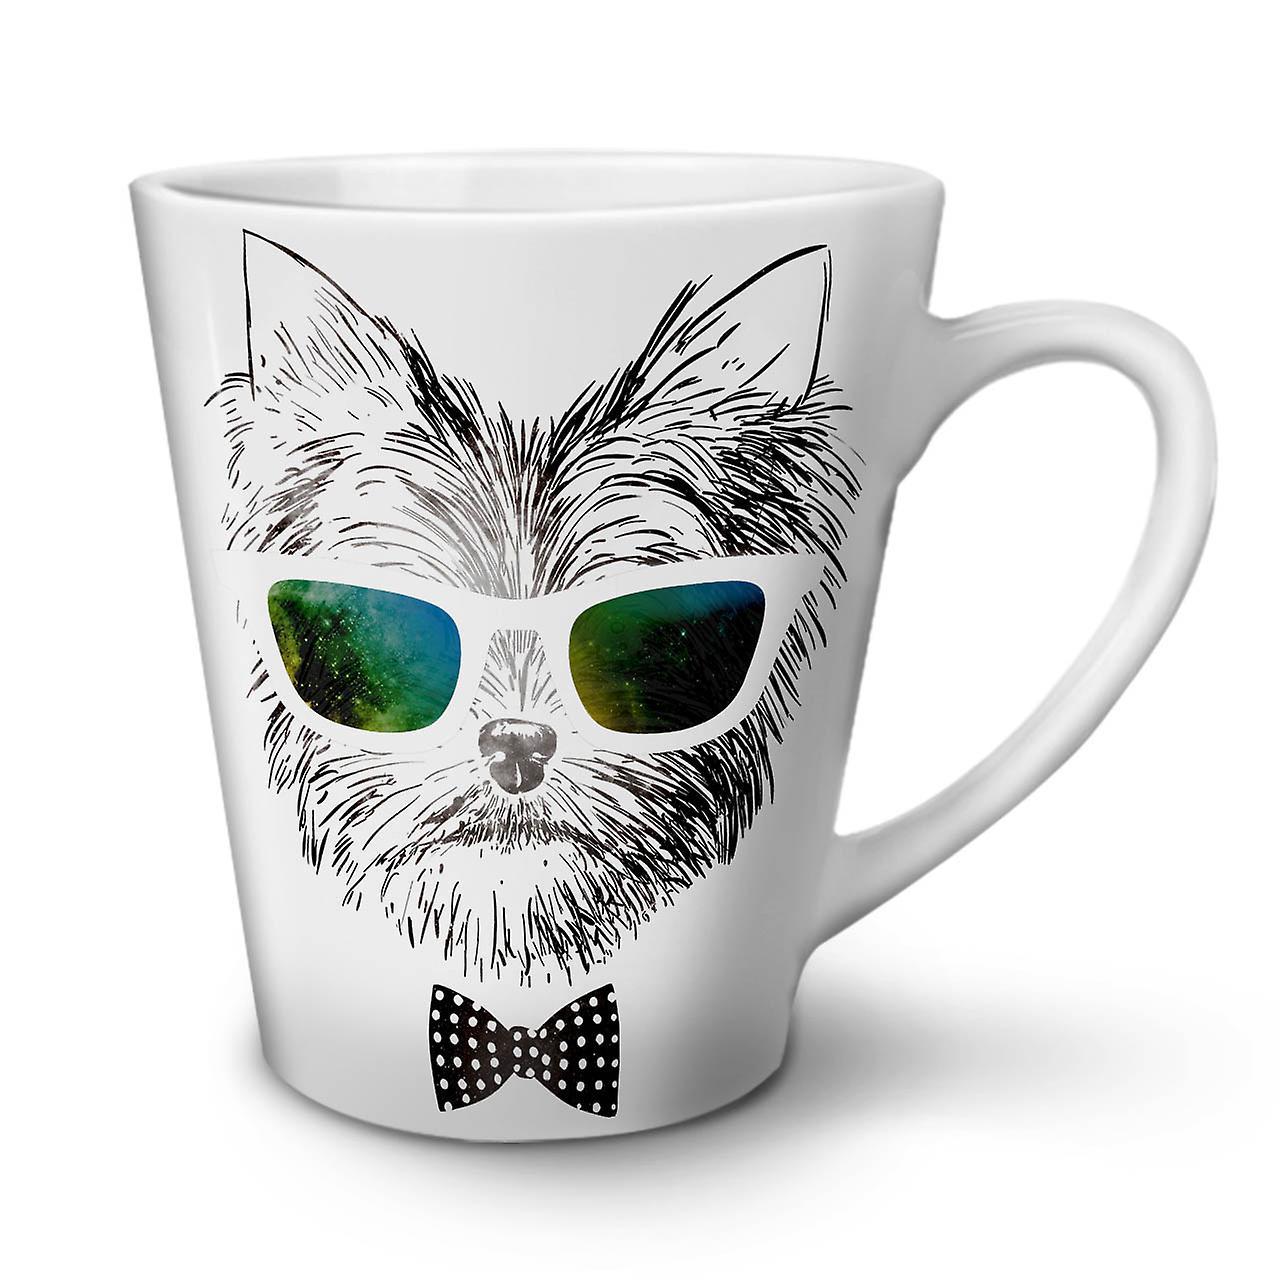 Cool Yorkshire Blanche 12 Céramique Tasse Chien OzWellcoda Chiot Nouvelle Café Latte En OuPkXZi